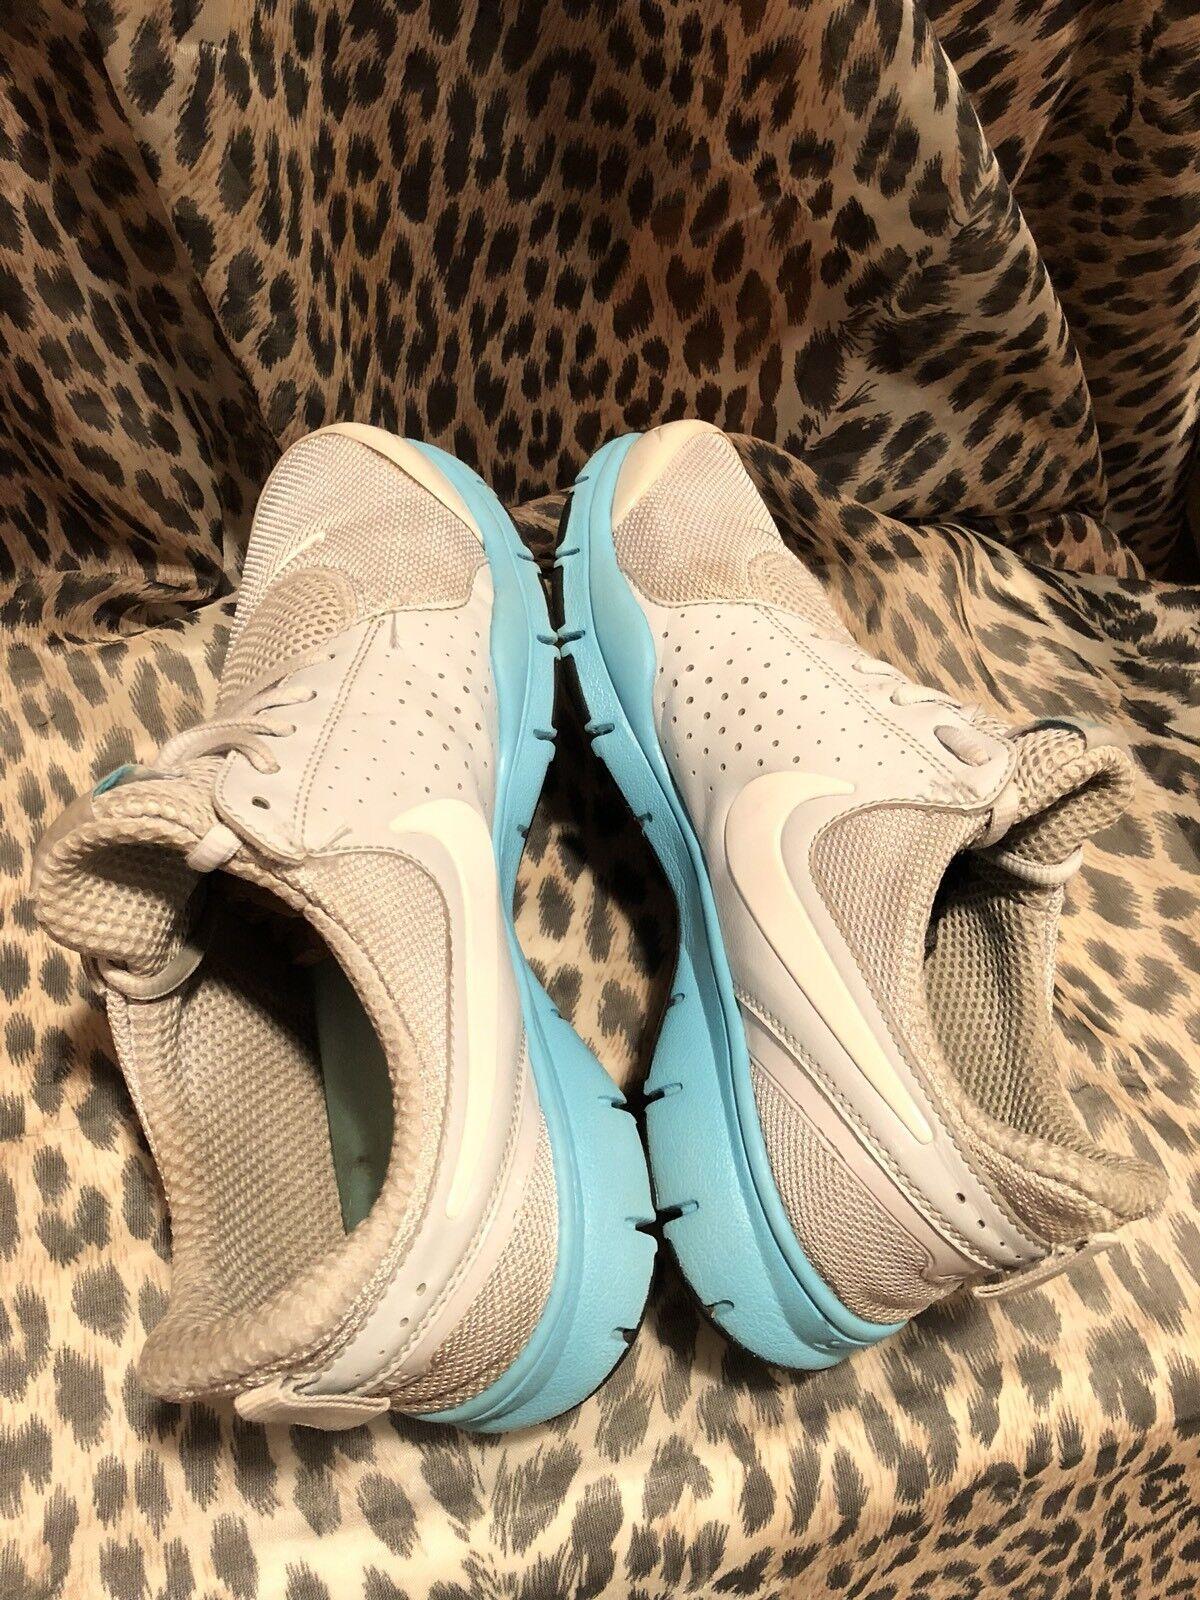 le le le scarpe nike di formazione delle donne noi verde / bianco 454445-041 numero 6 | Prezzo basso  | Vinci l'elogio dei clienti  | nuovo venuto  | Sig/Sig Ra Scarpa  | Gentiluomo/Signora Scarpa  7f66f8